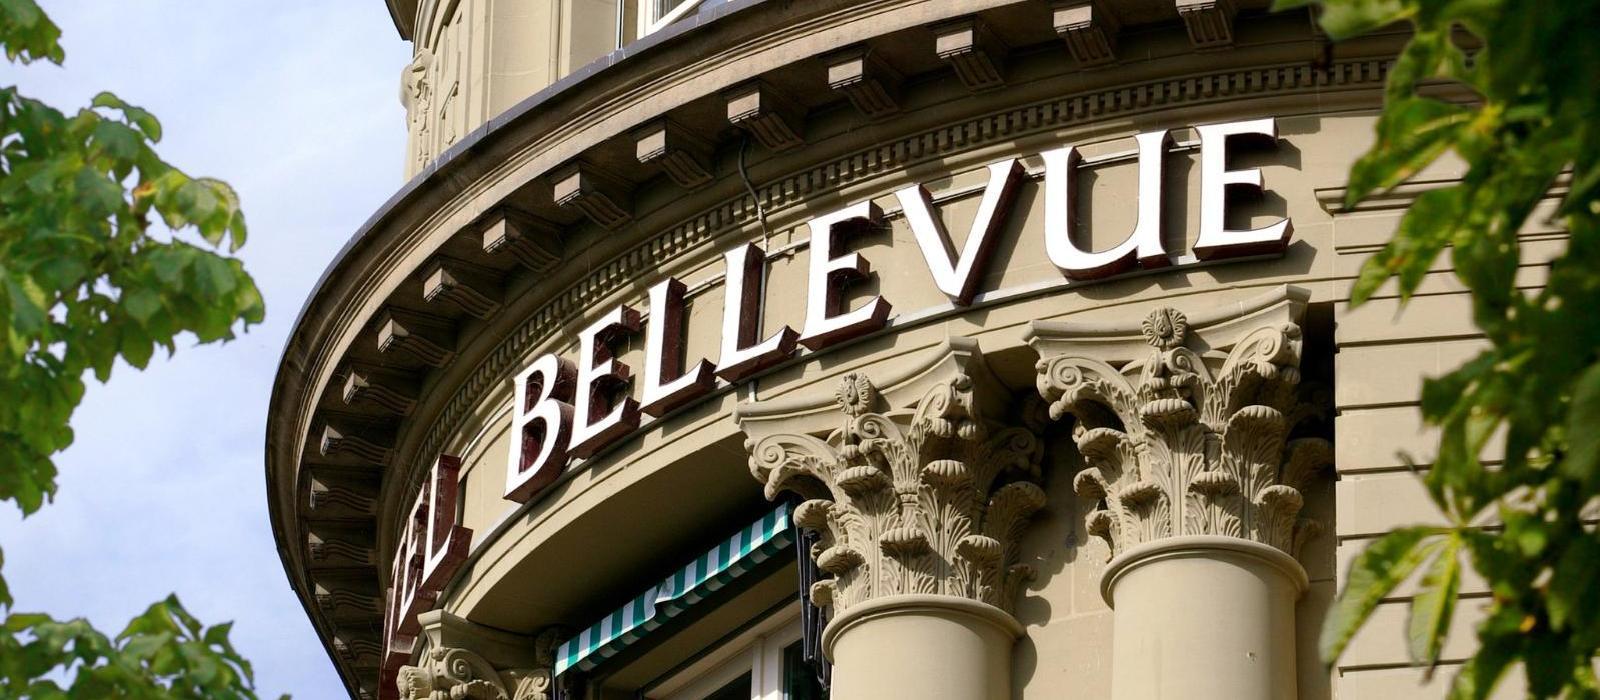 伯尔尼贝尔维尤宫国宾酒店(Bellevue Palace) 酒店外观图片  www.lhw.cn